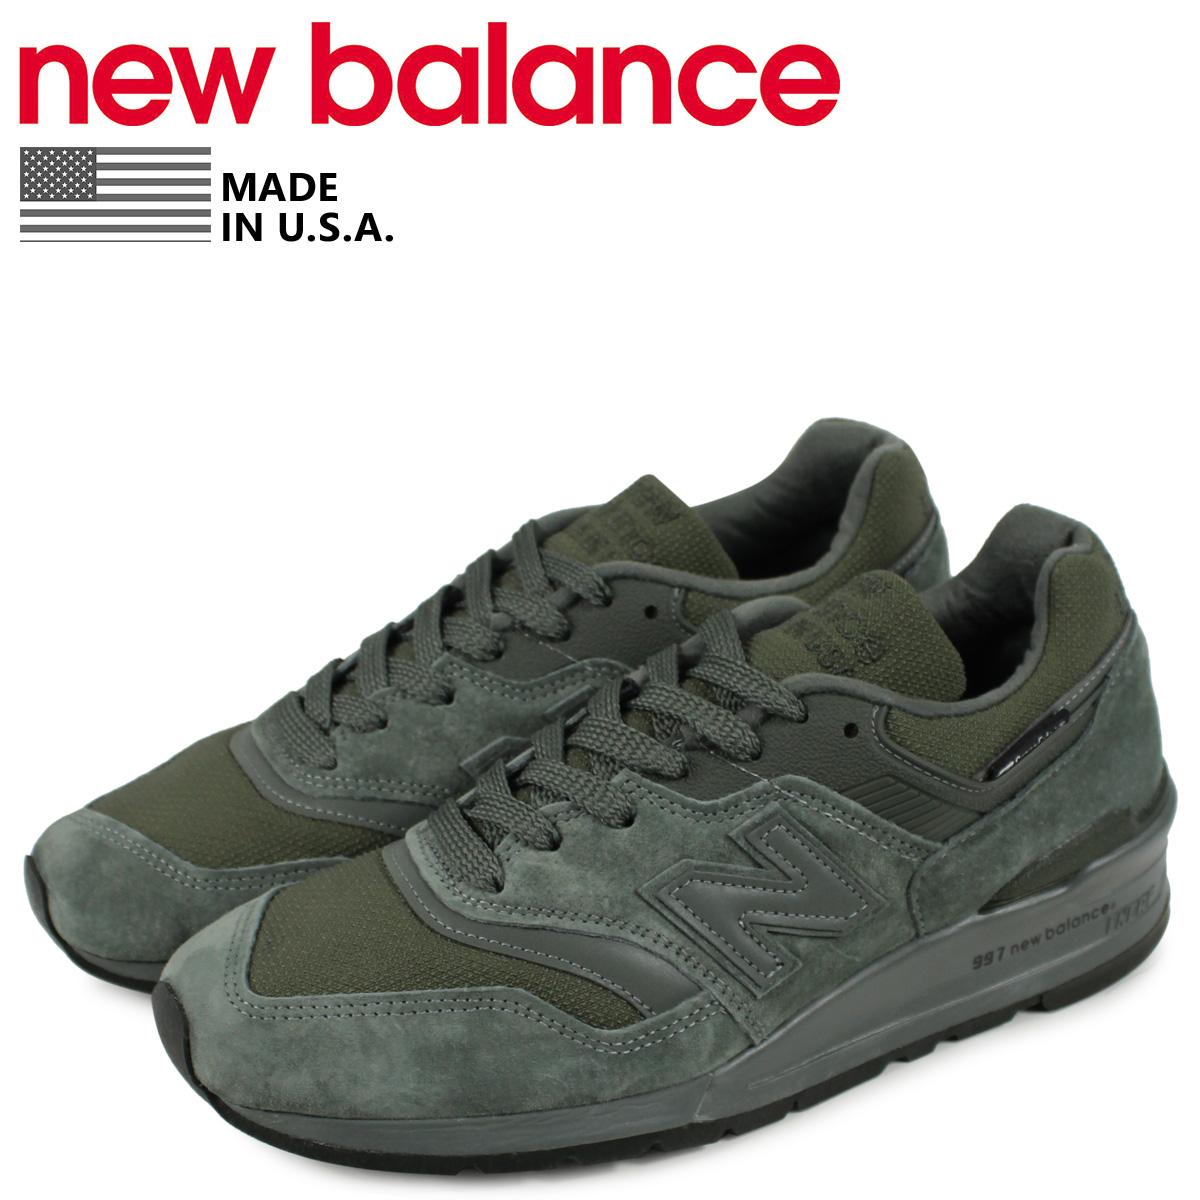 new balance ニューバランス 997 スニーカー メンズ Dワイズ ダーク グリーン M997NAL